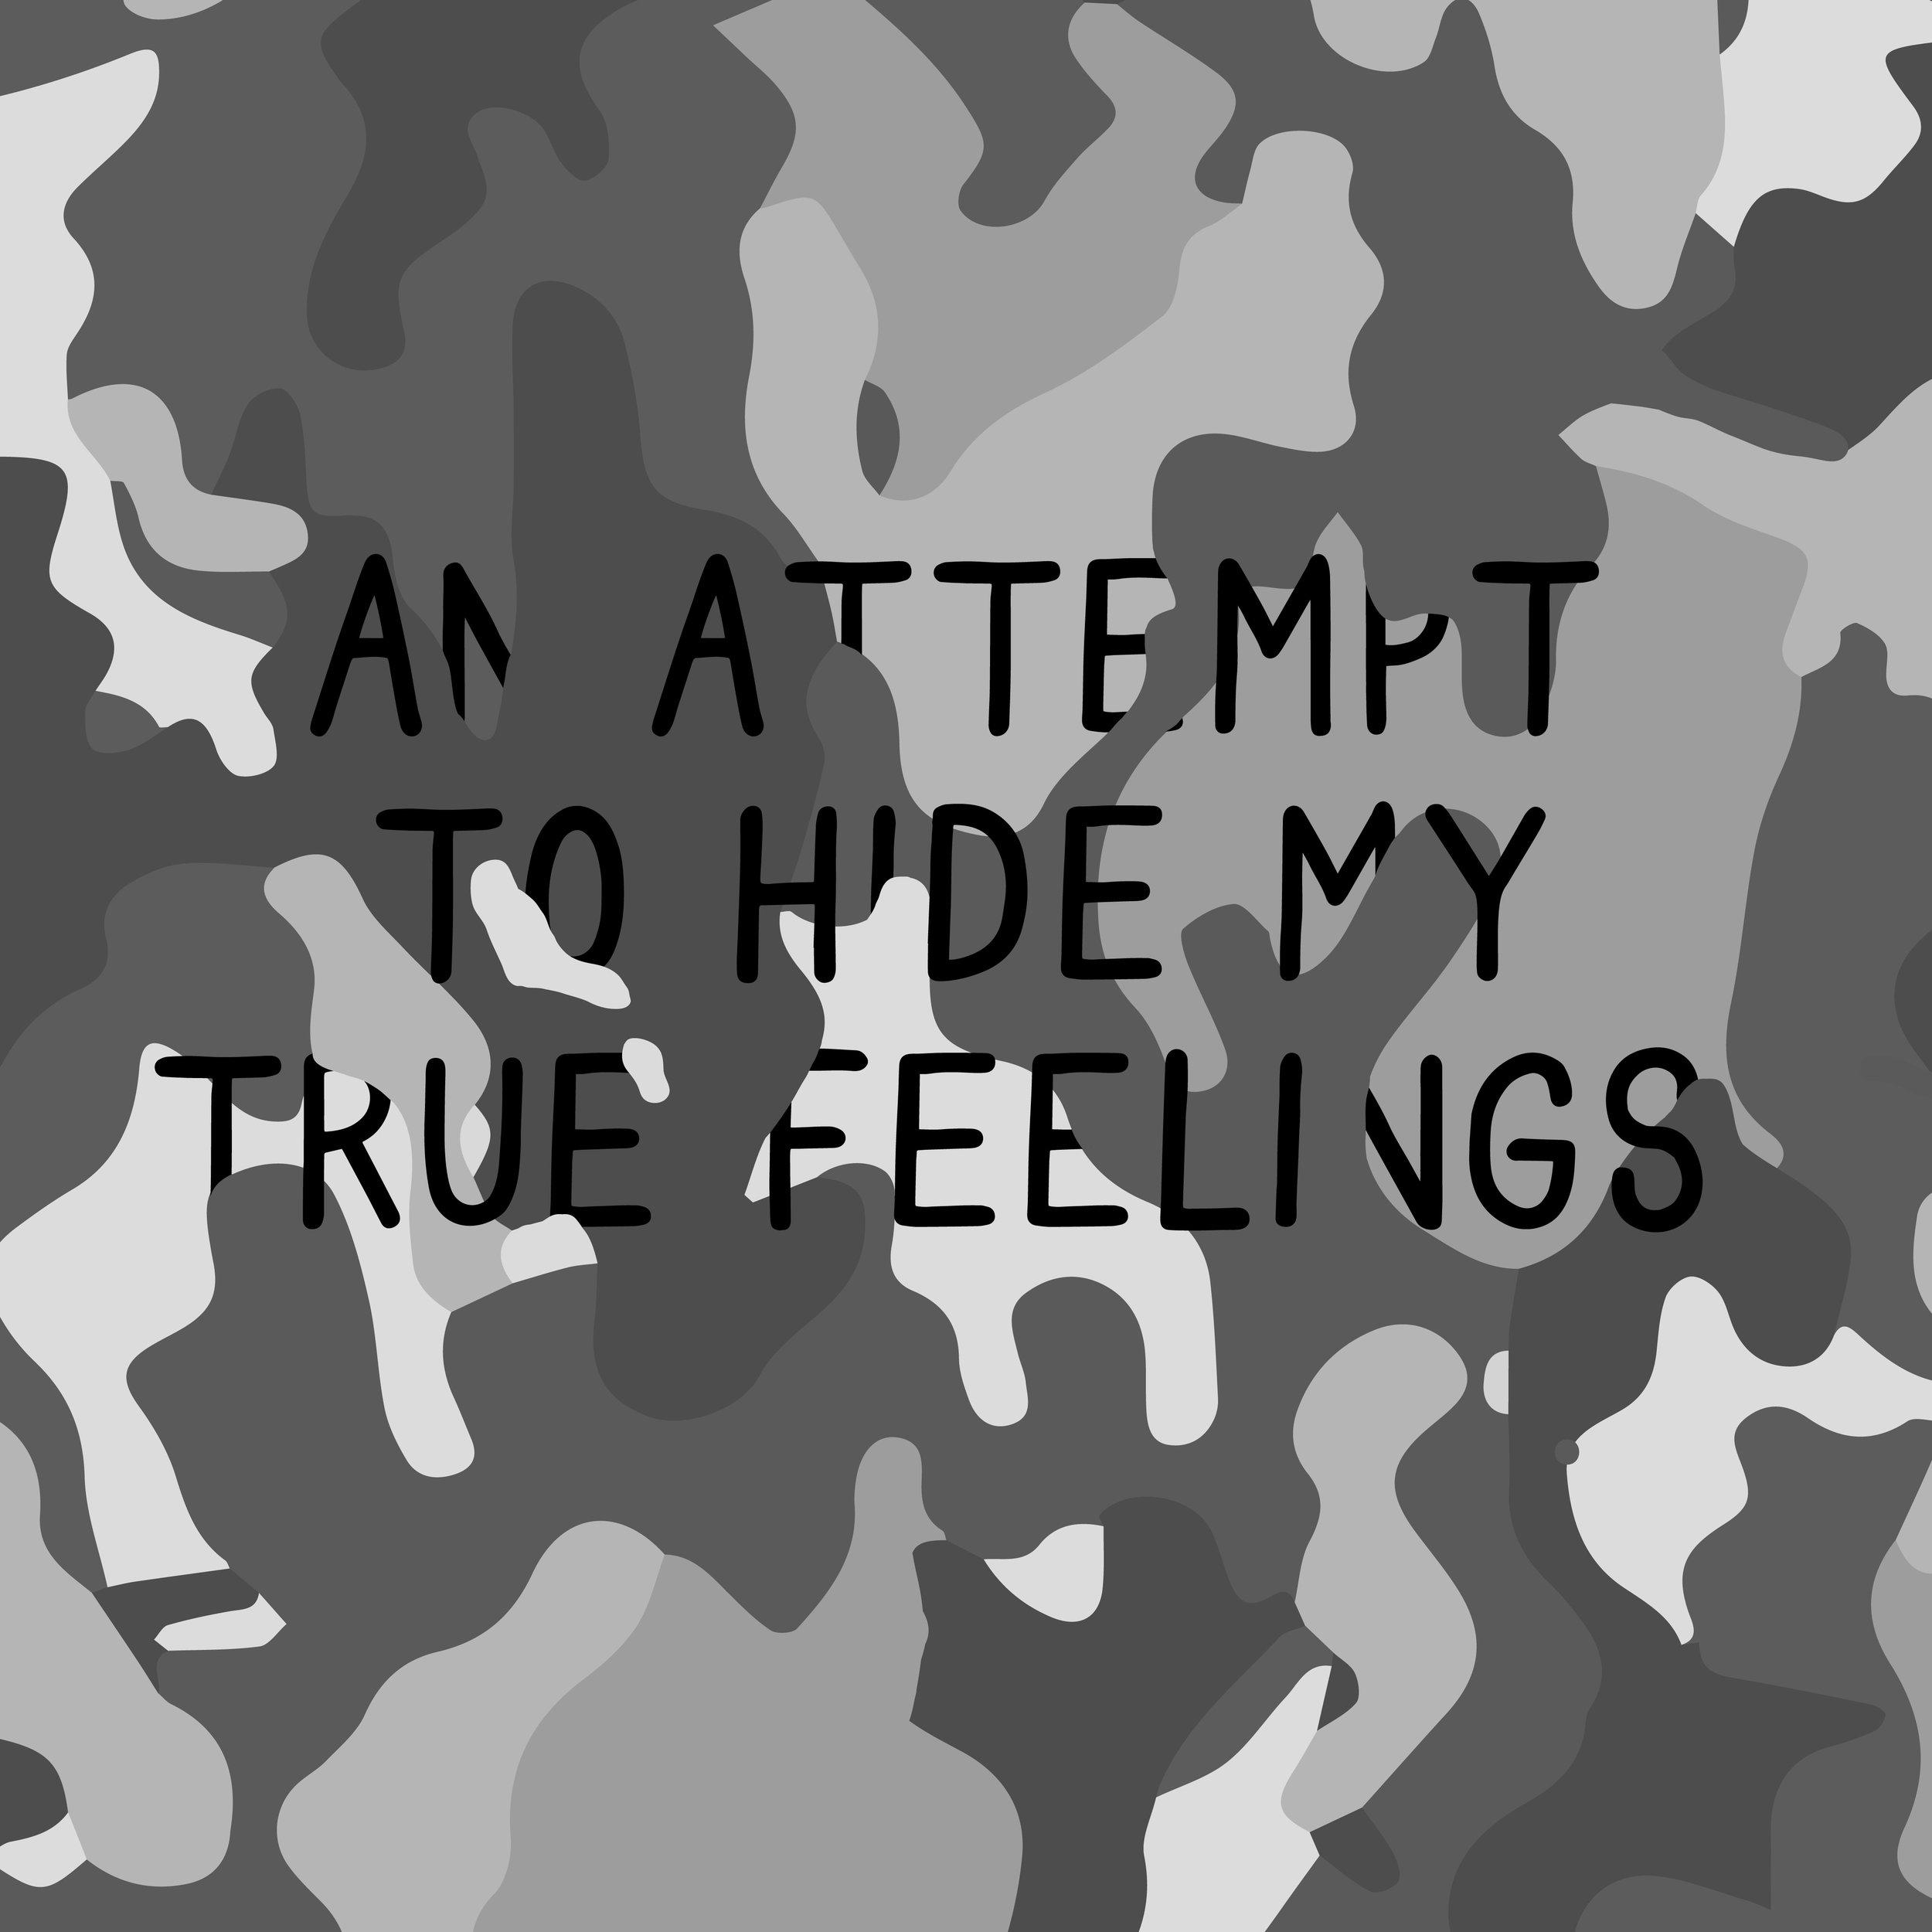 truefeelings-01.jpg